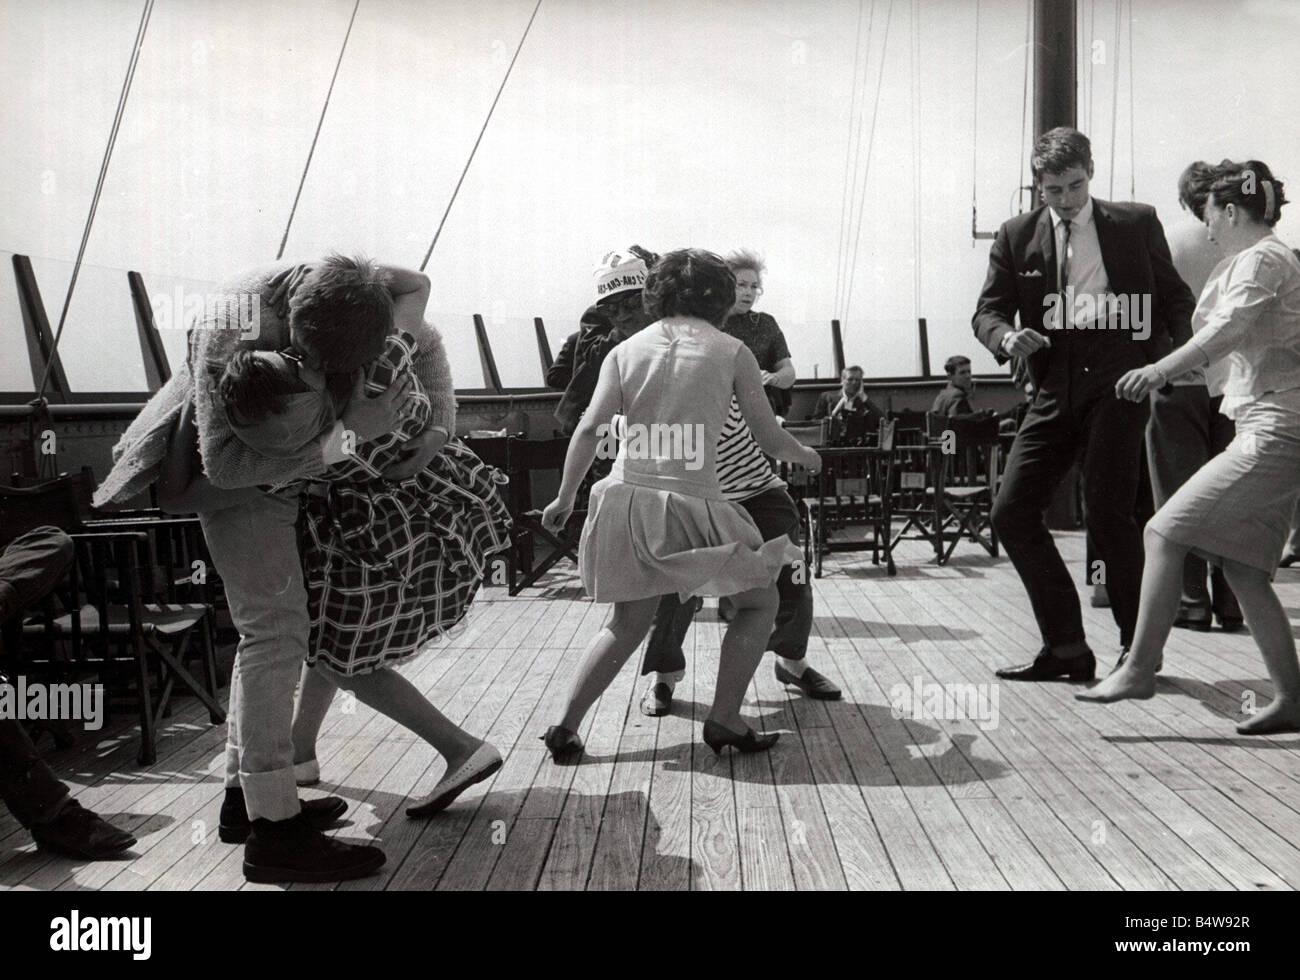 Casais parte de barco dança e jive no verdadeiro estilo 60 s Casal beijando fazendo a torção diversão Imagens de Stock